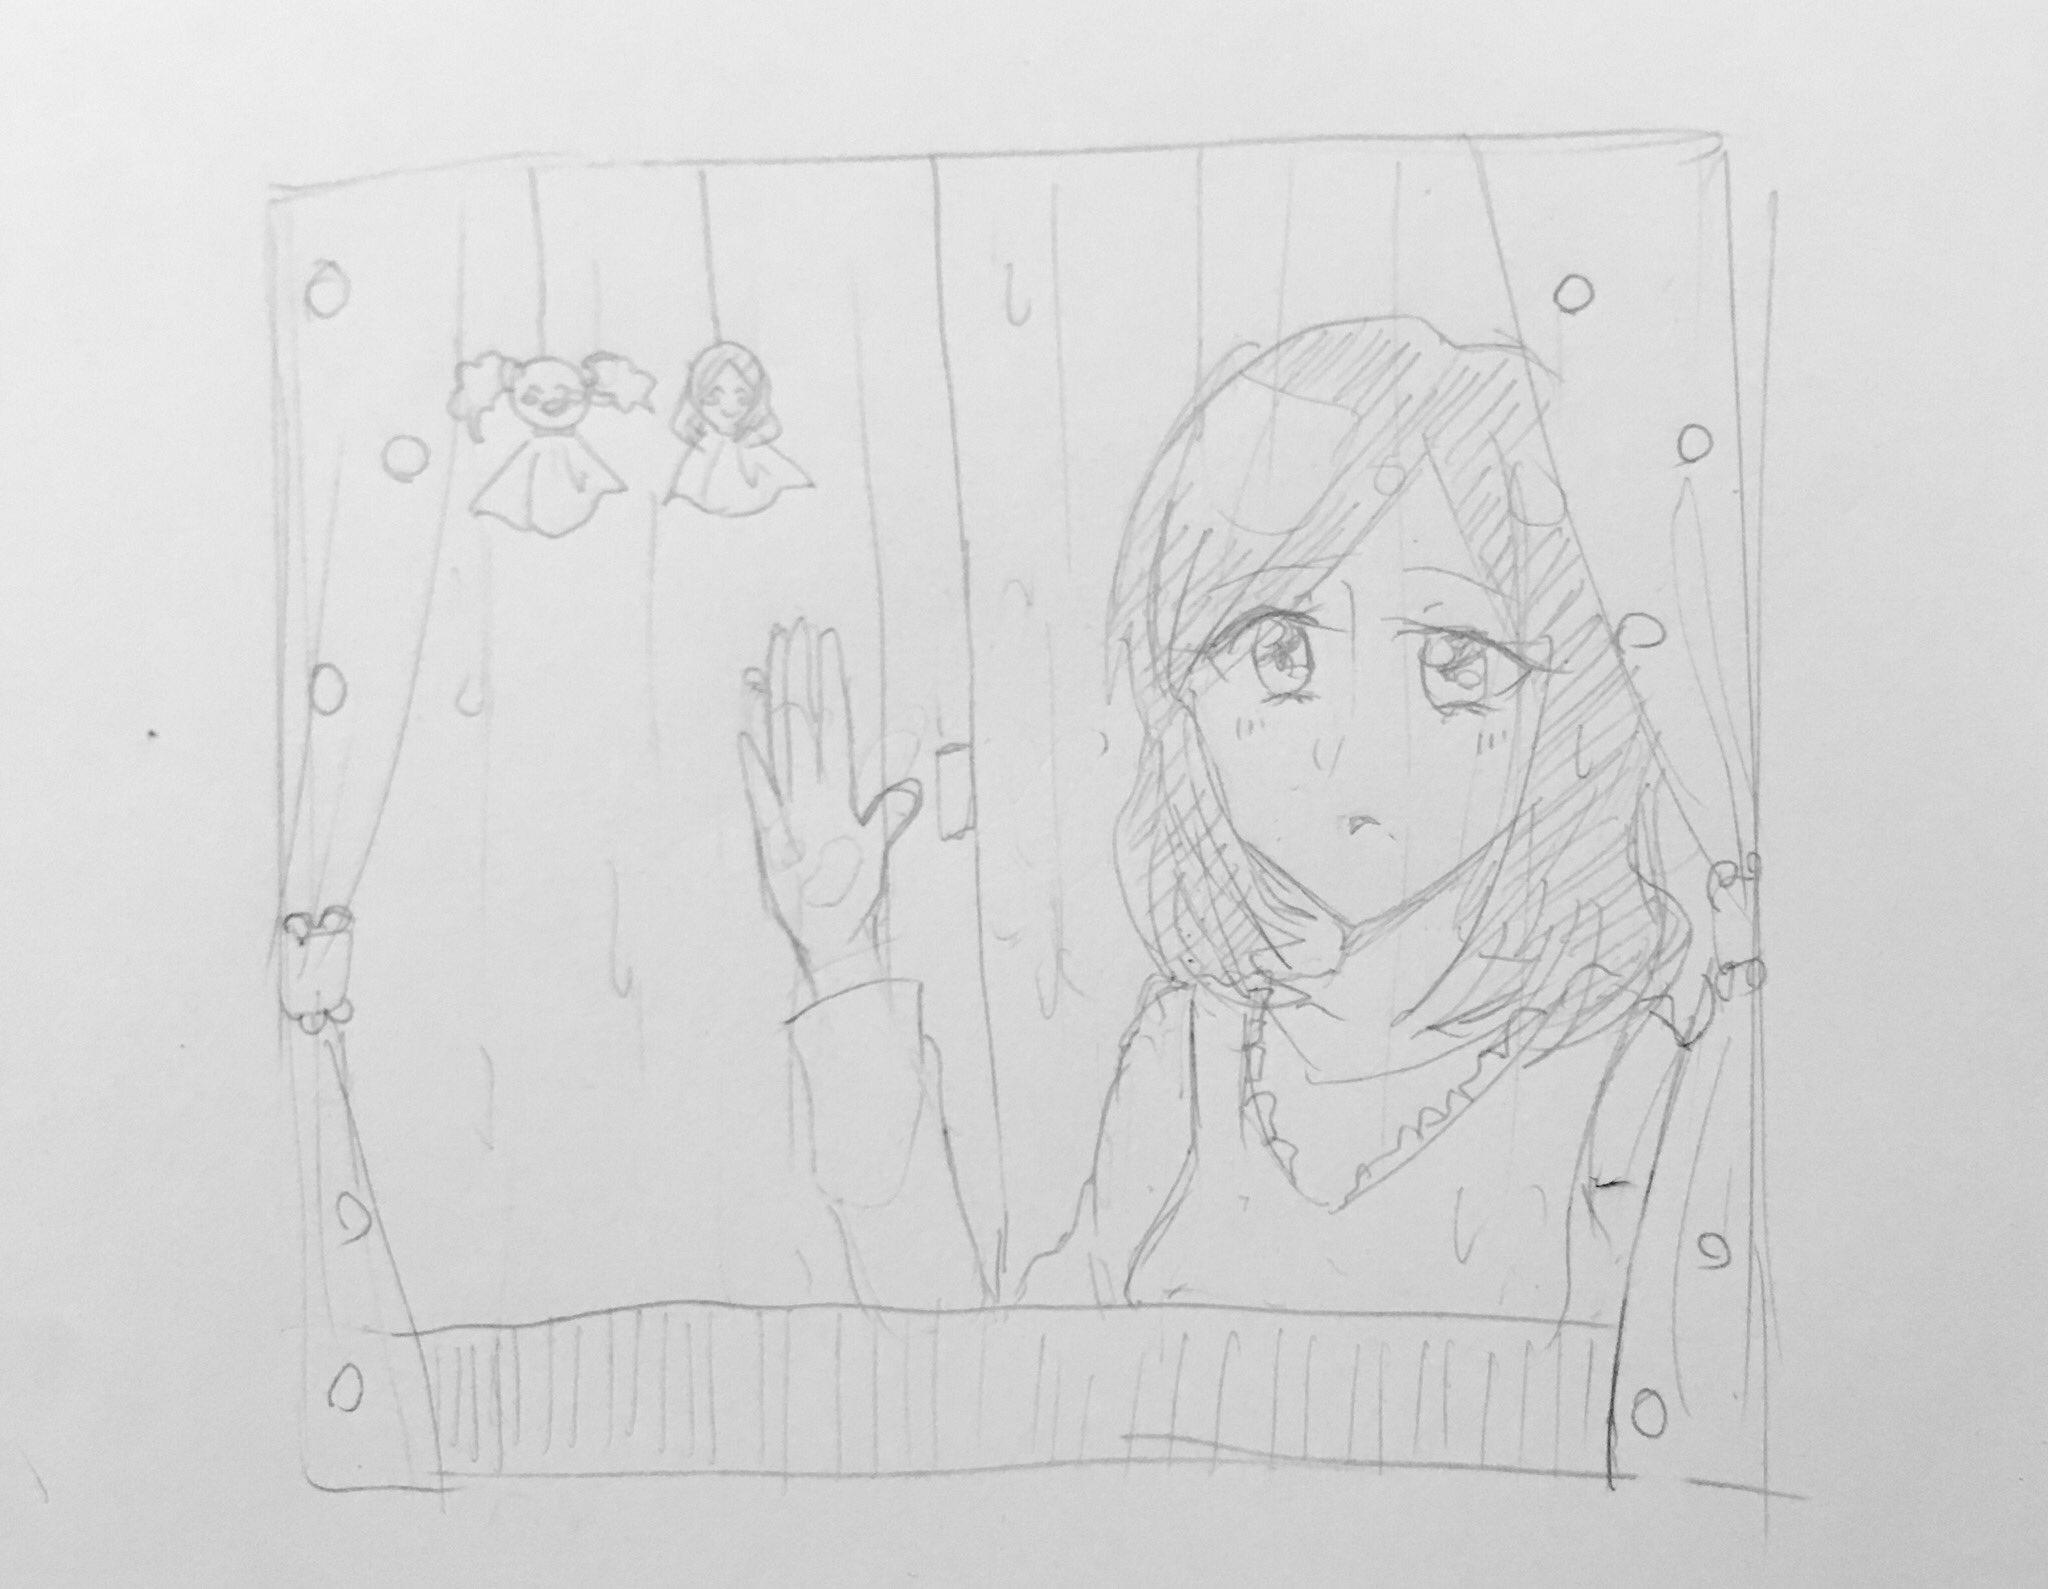 ベルル (@ring_a_beruru)さんのイラスト